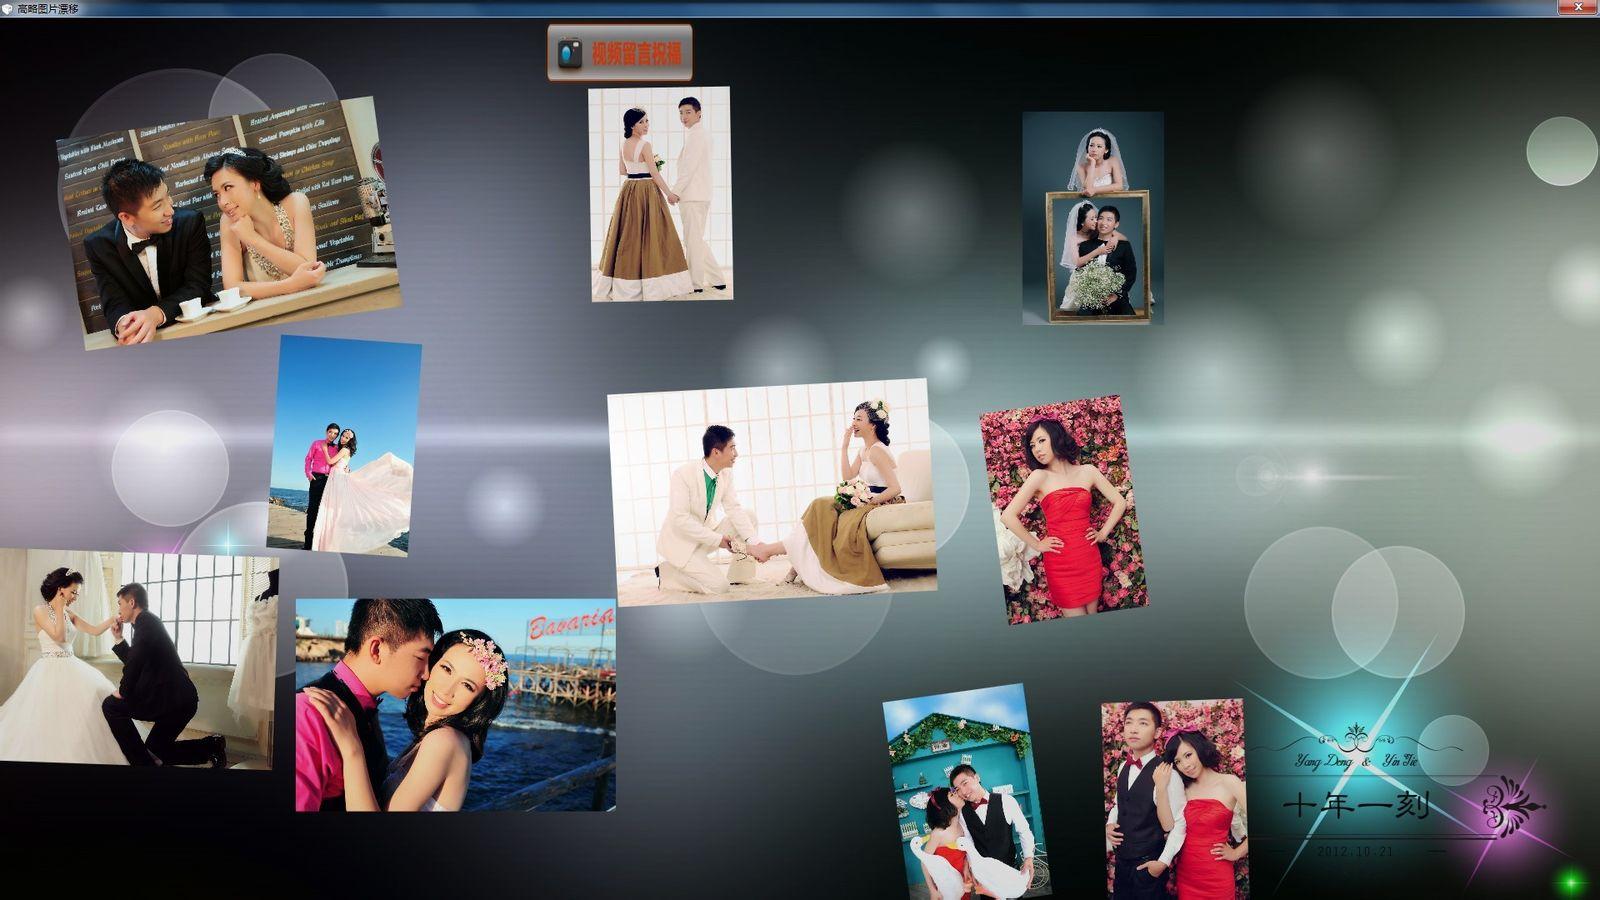 创意婚礼电子签到漂移墙电子婚纱秀图片